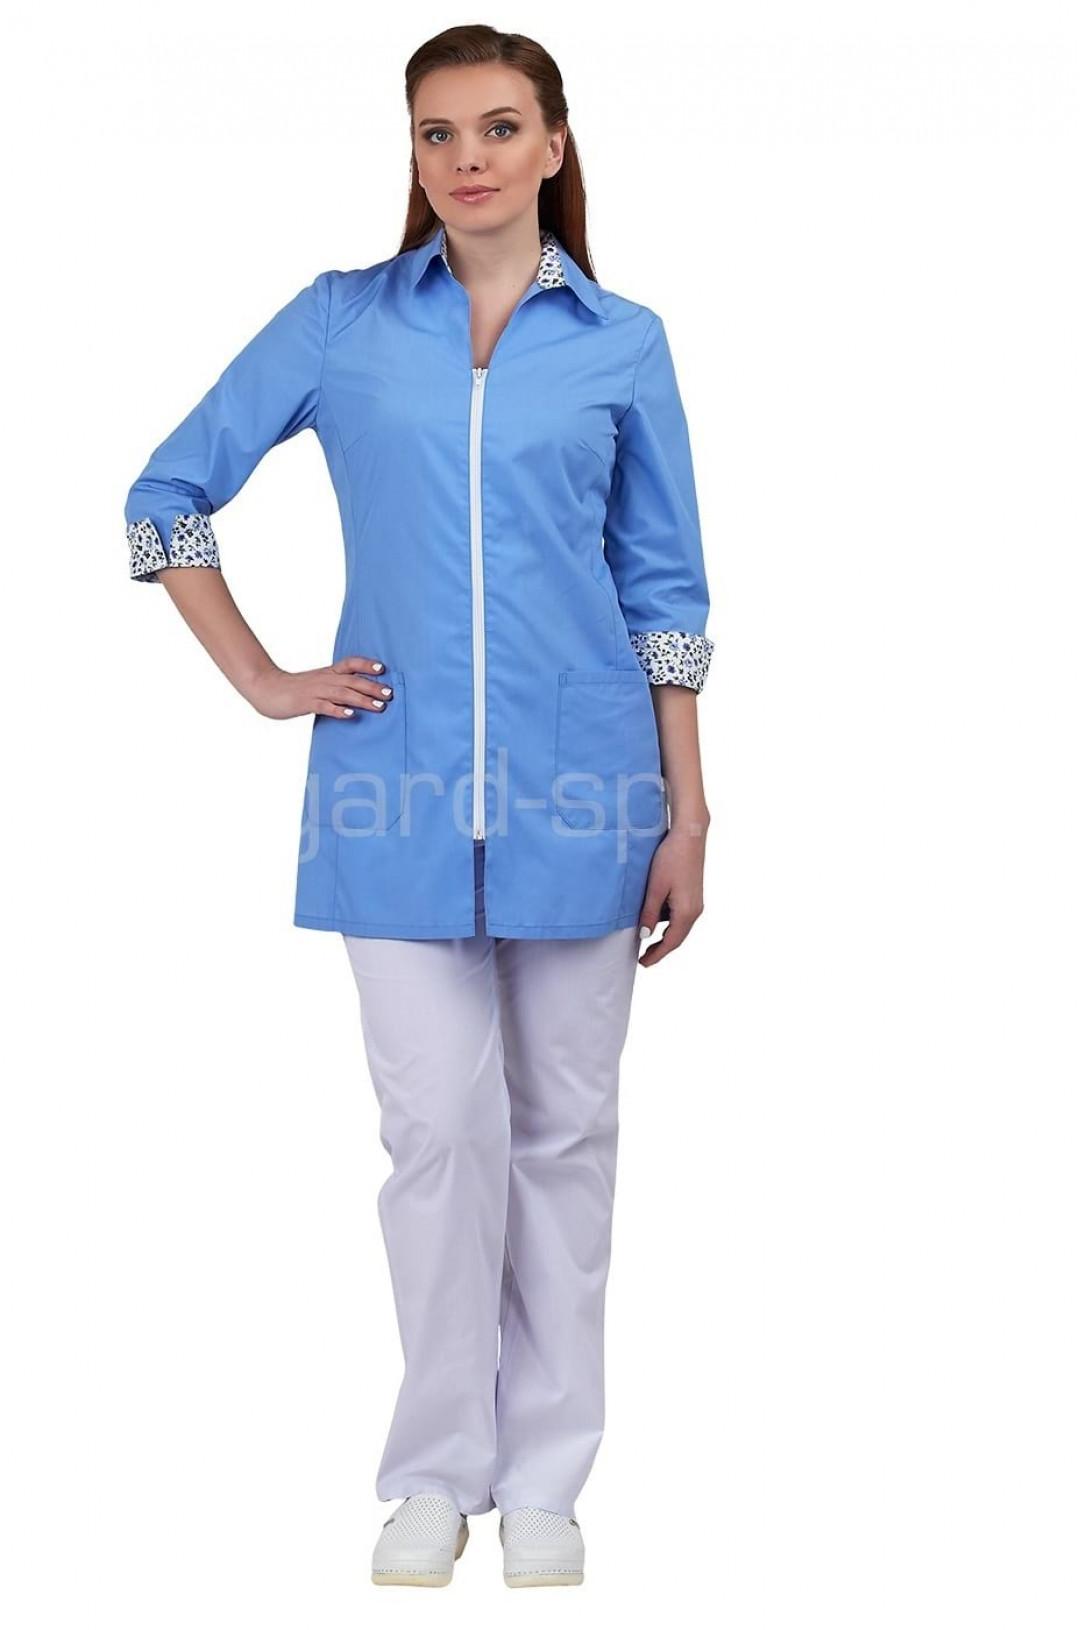 Блузка медицинская женская Далия (голубой, тиси)